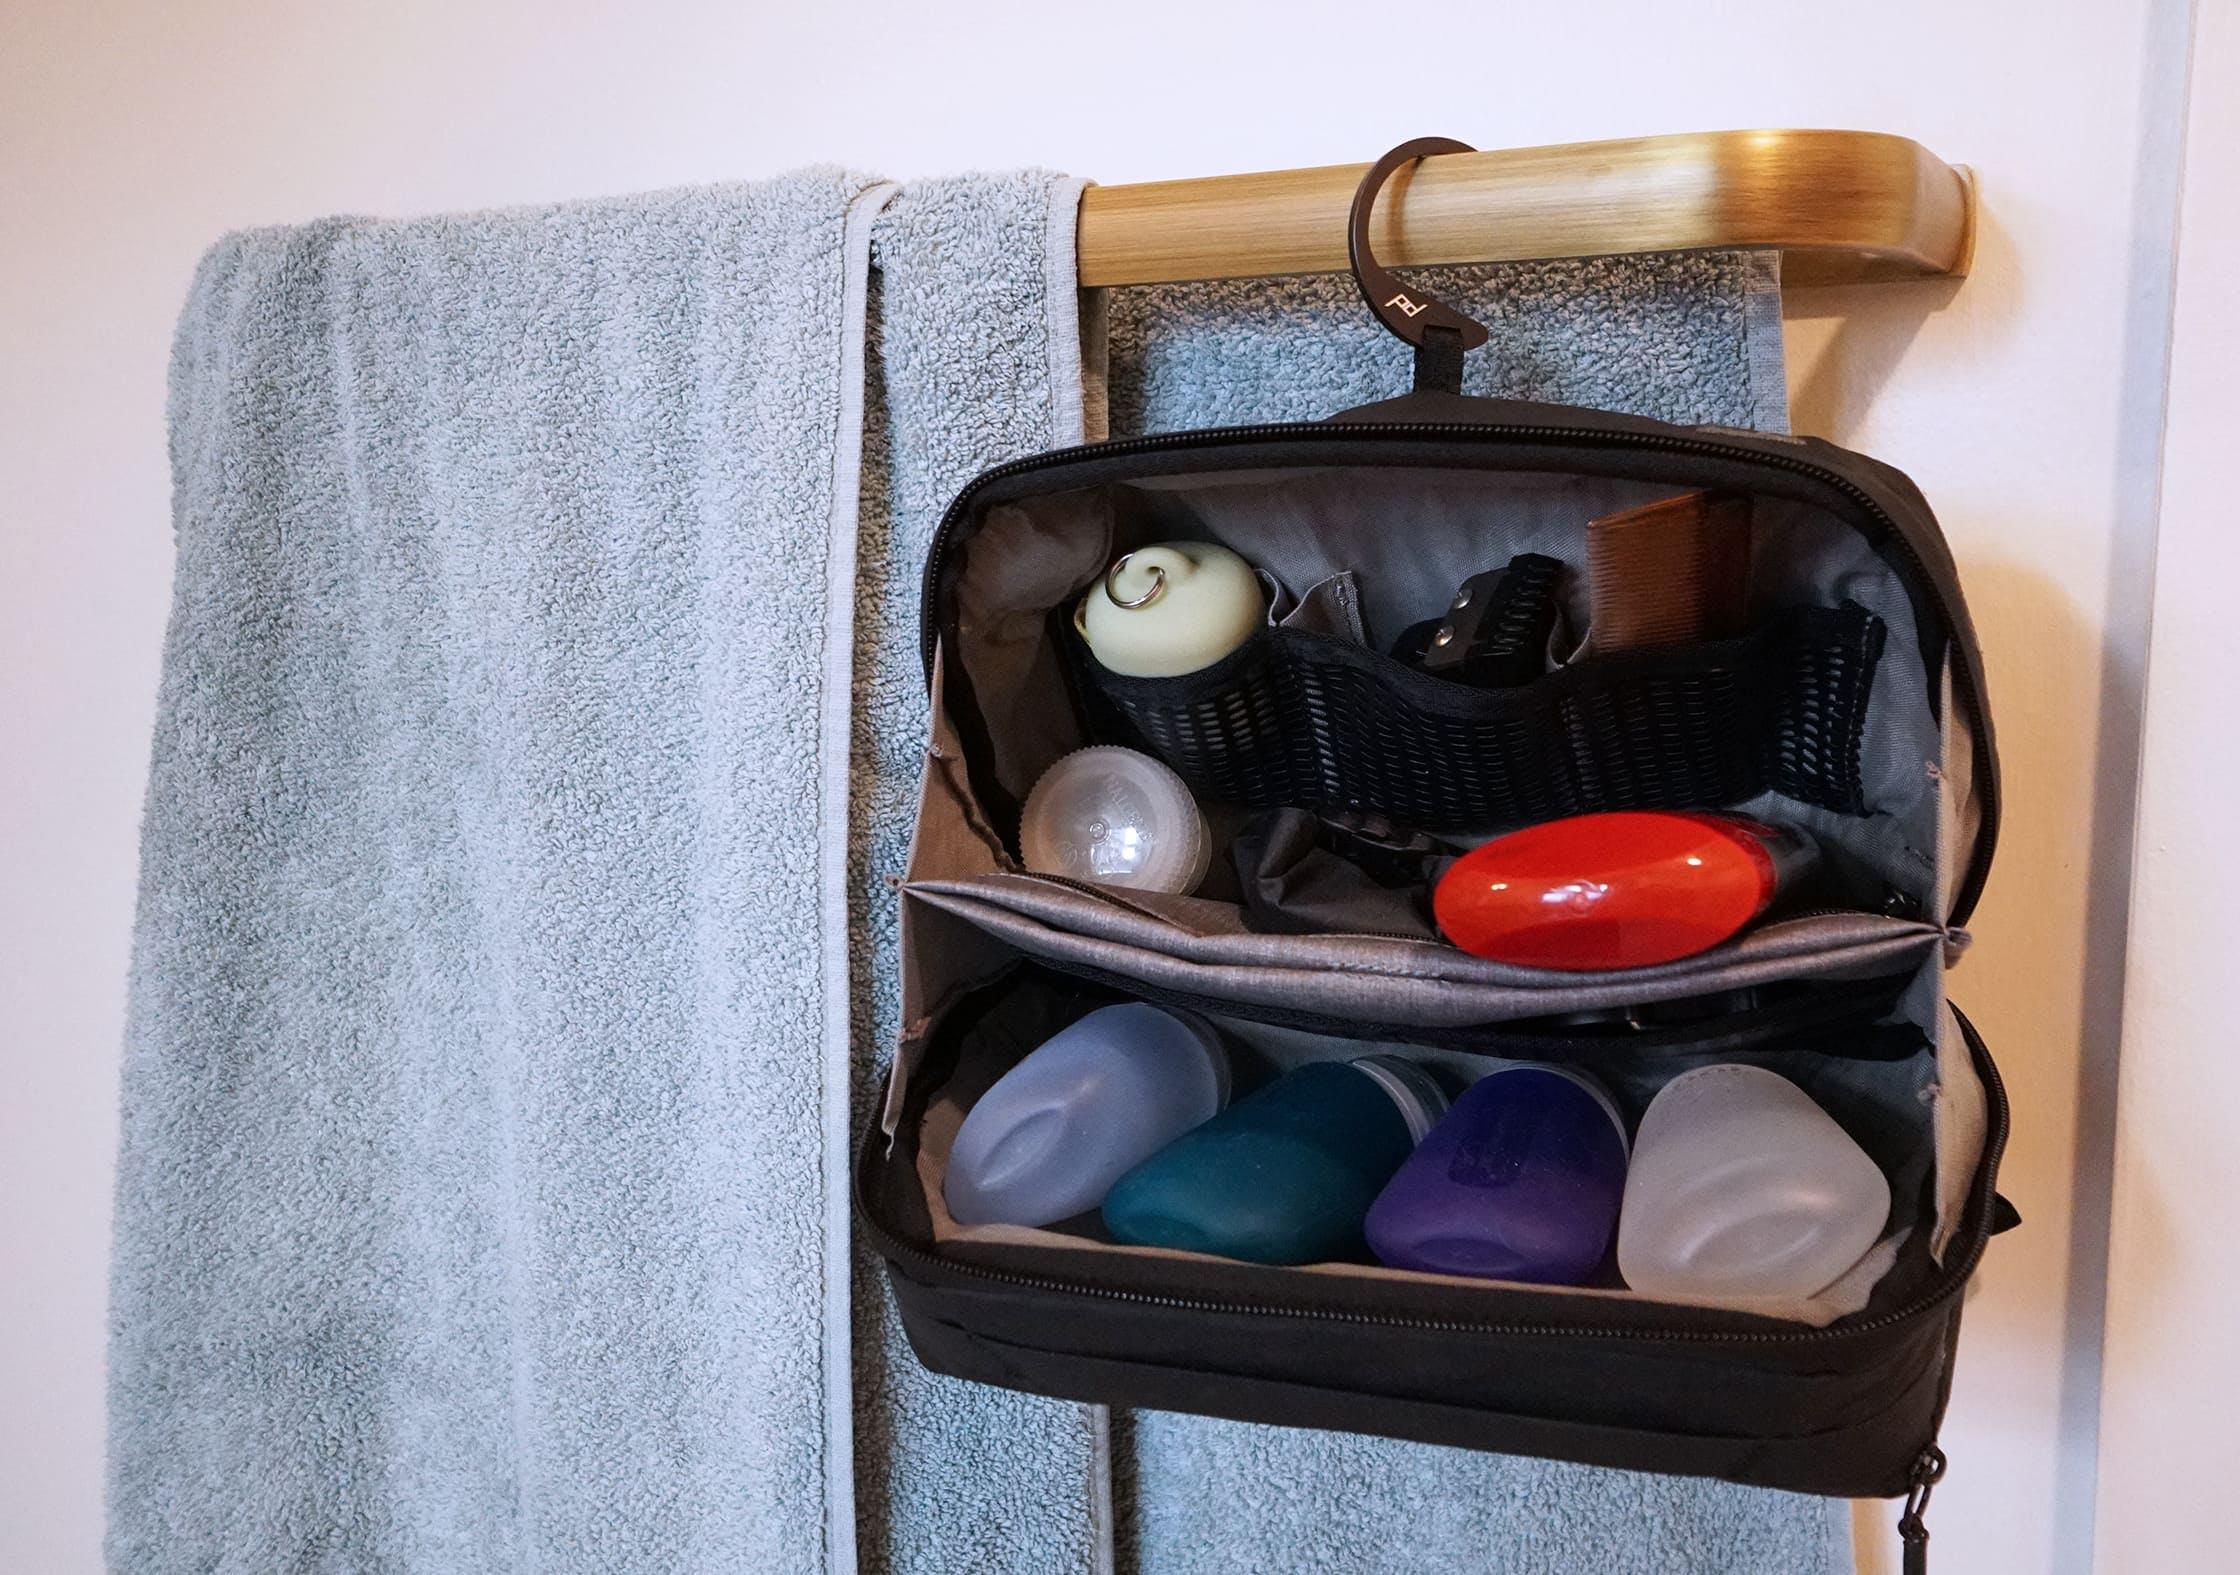 Peak Design Wash Pouch Hanging